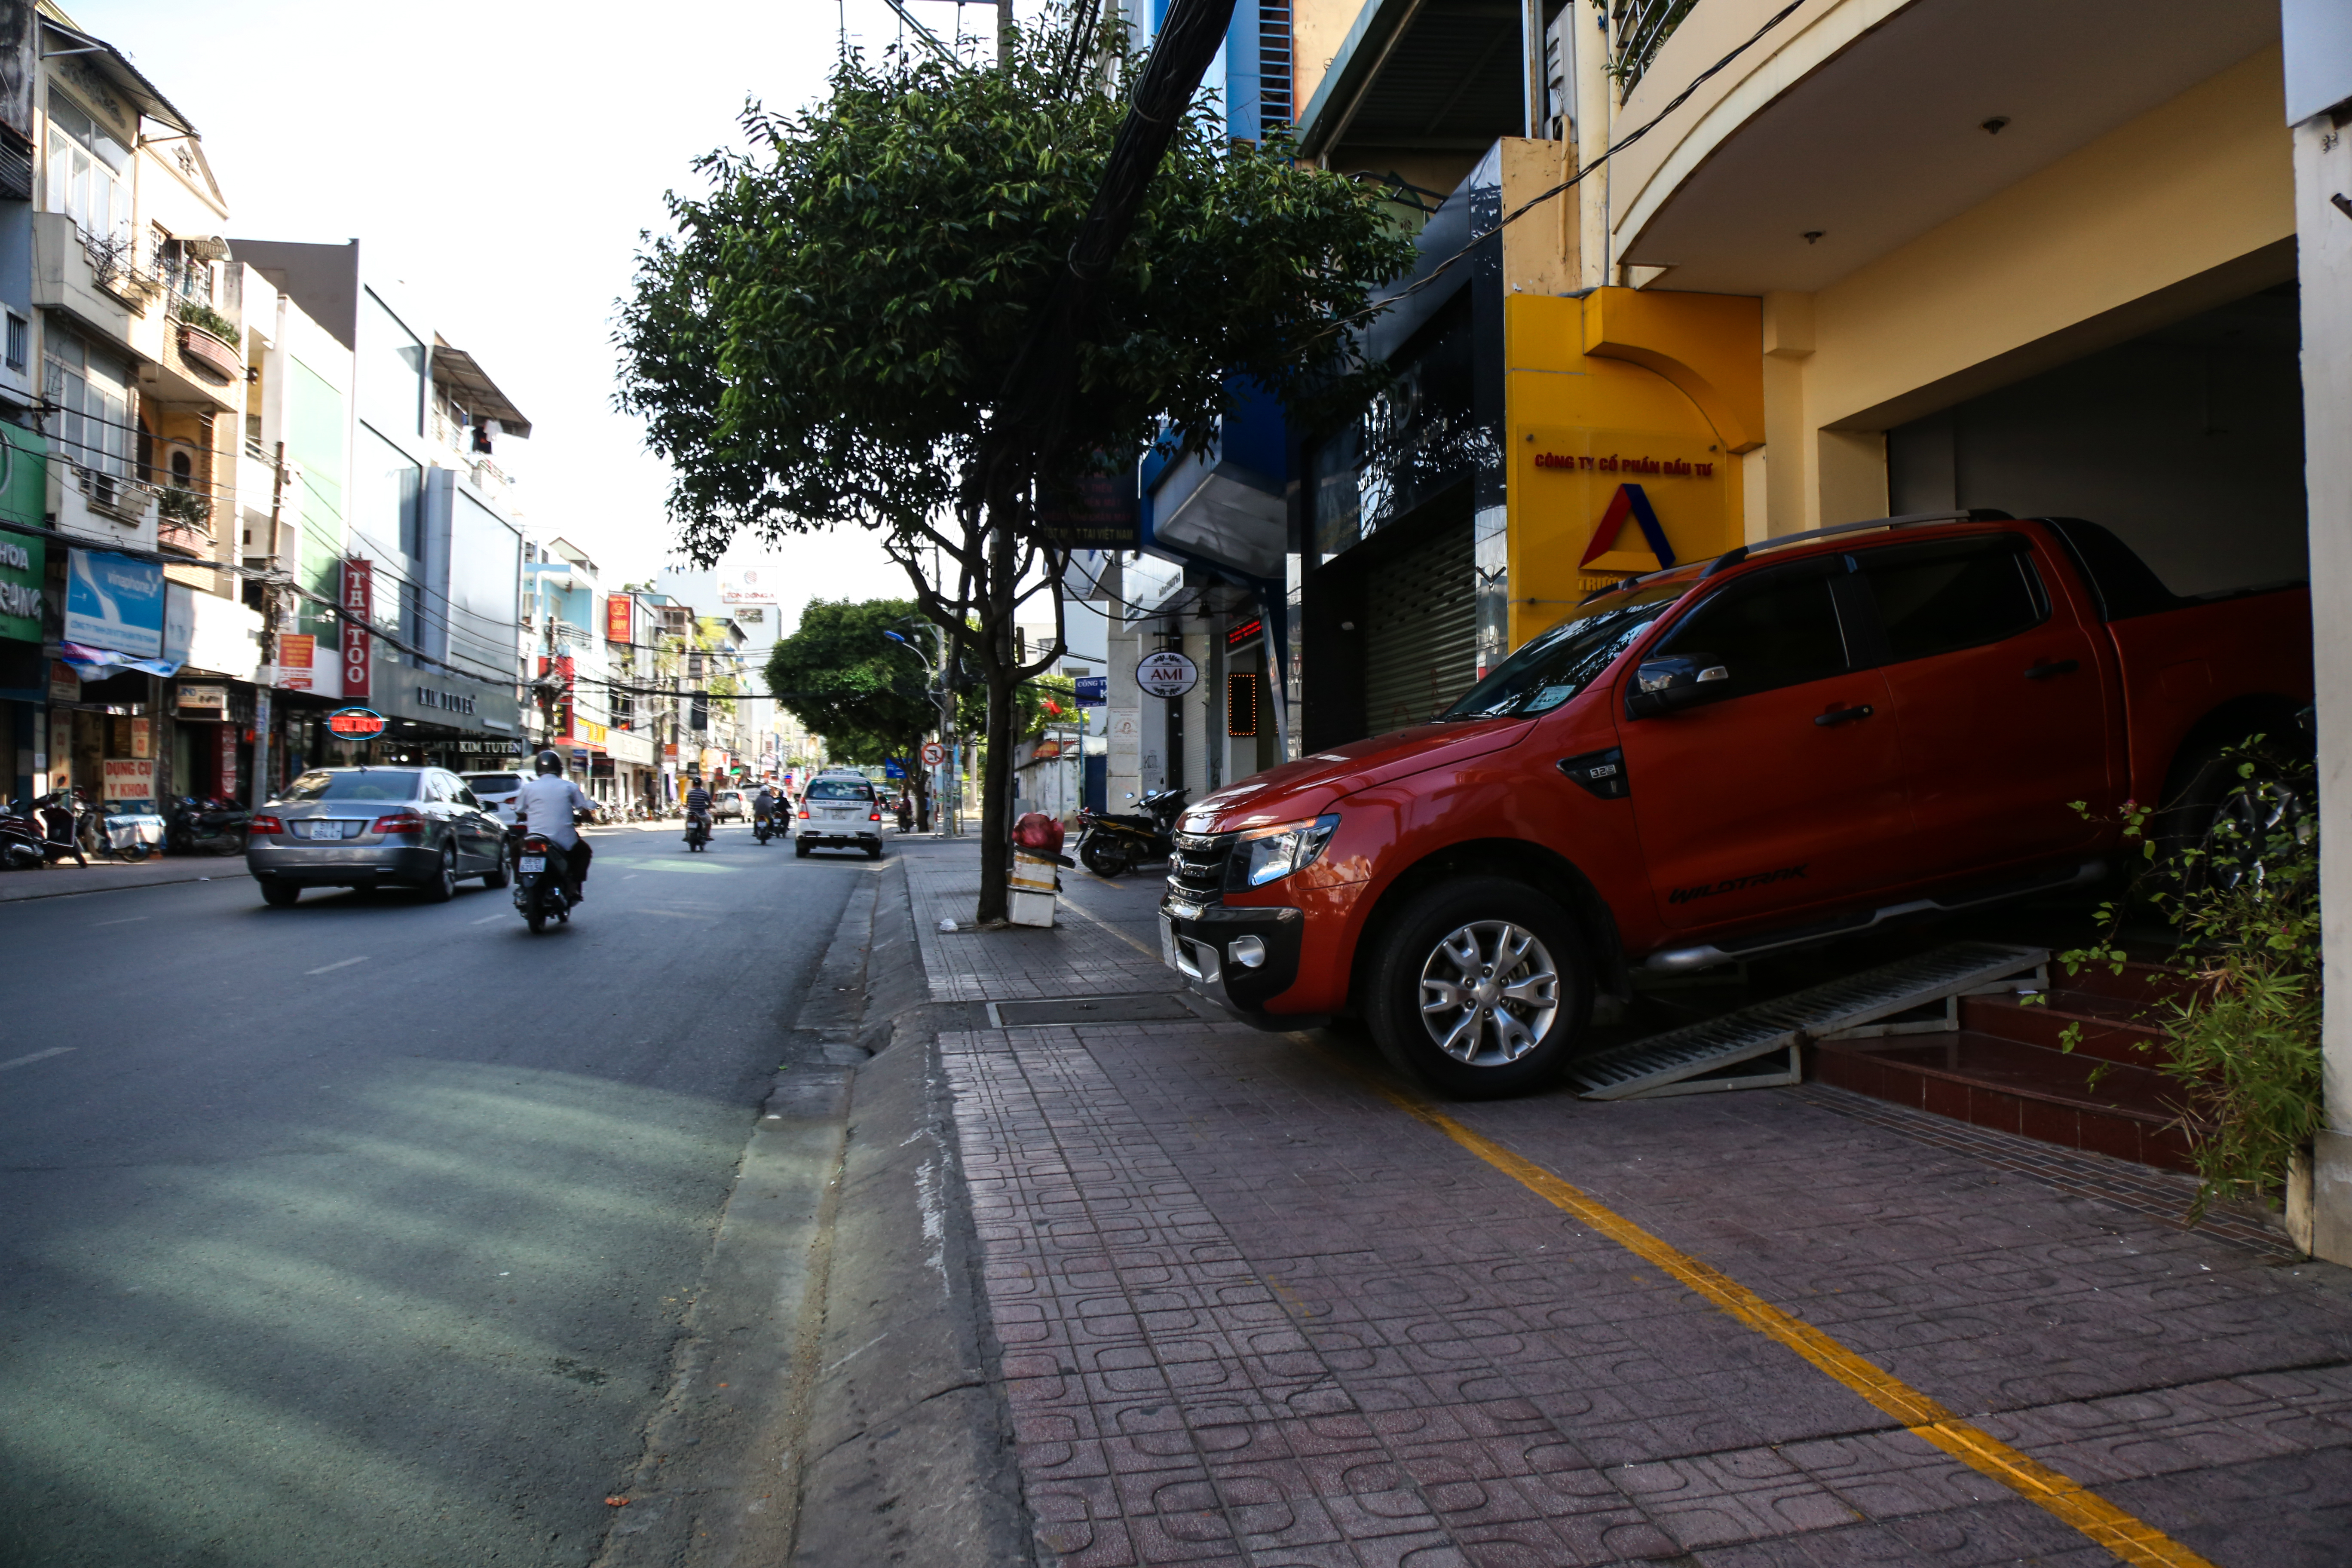 Vỉa hè Sài Gòn sau khi được phân chia bằng vạch kẻ: Người đi bộ thoải mái, dân buôn bán hài lòng - Ảnh 5.